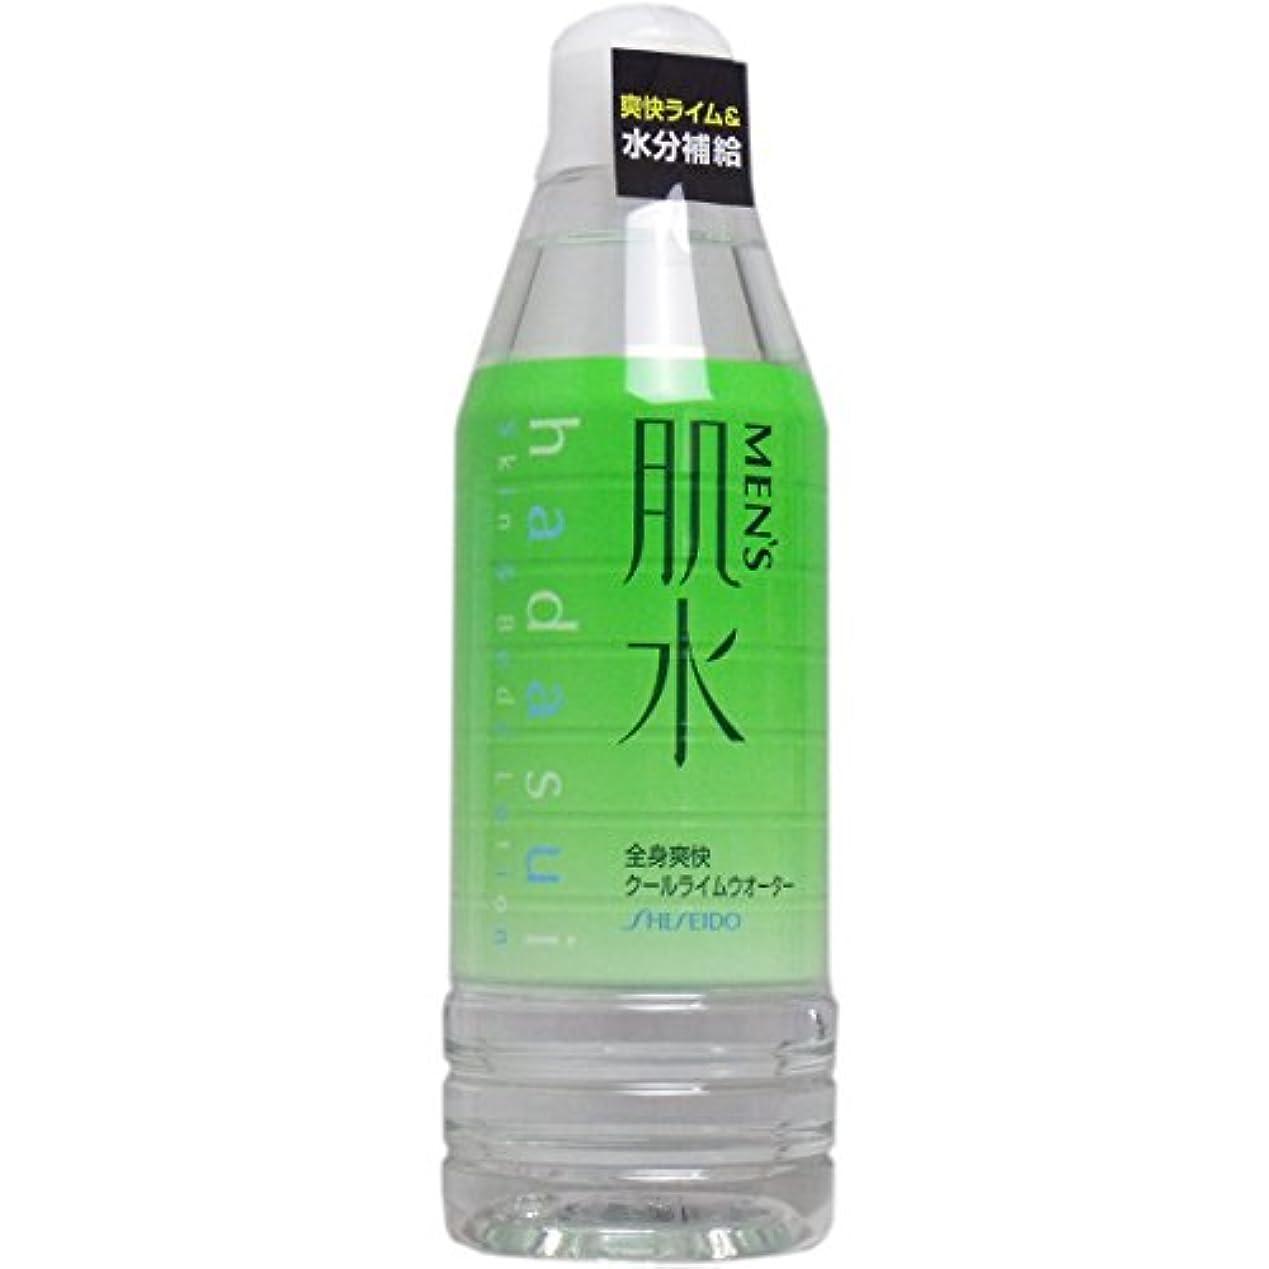 扱いやすい口ビリーヤギメンズ肌水 400ml ボトルタイプ